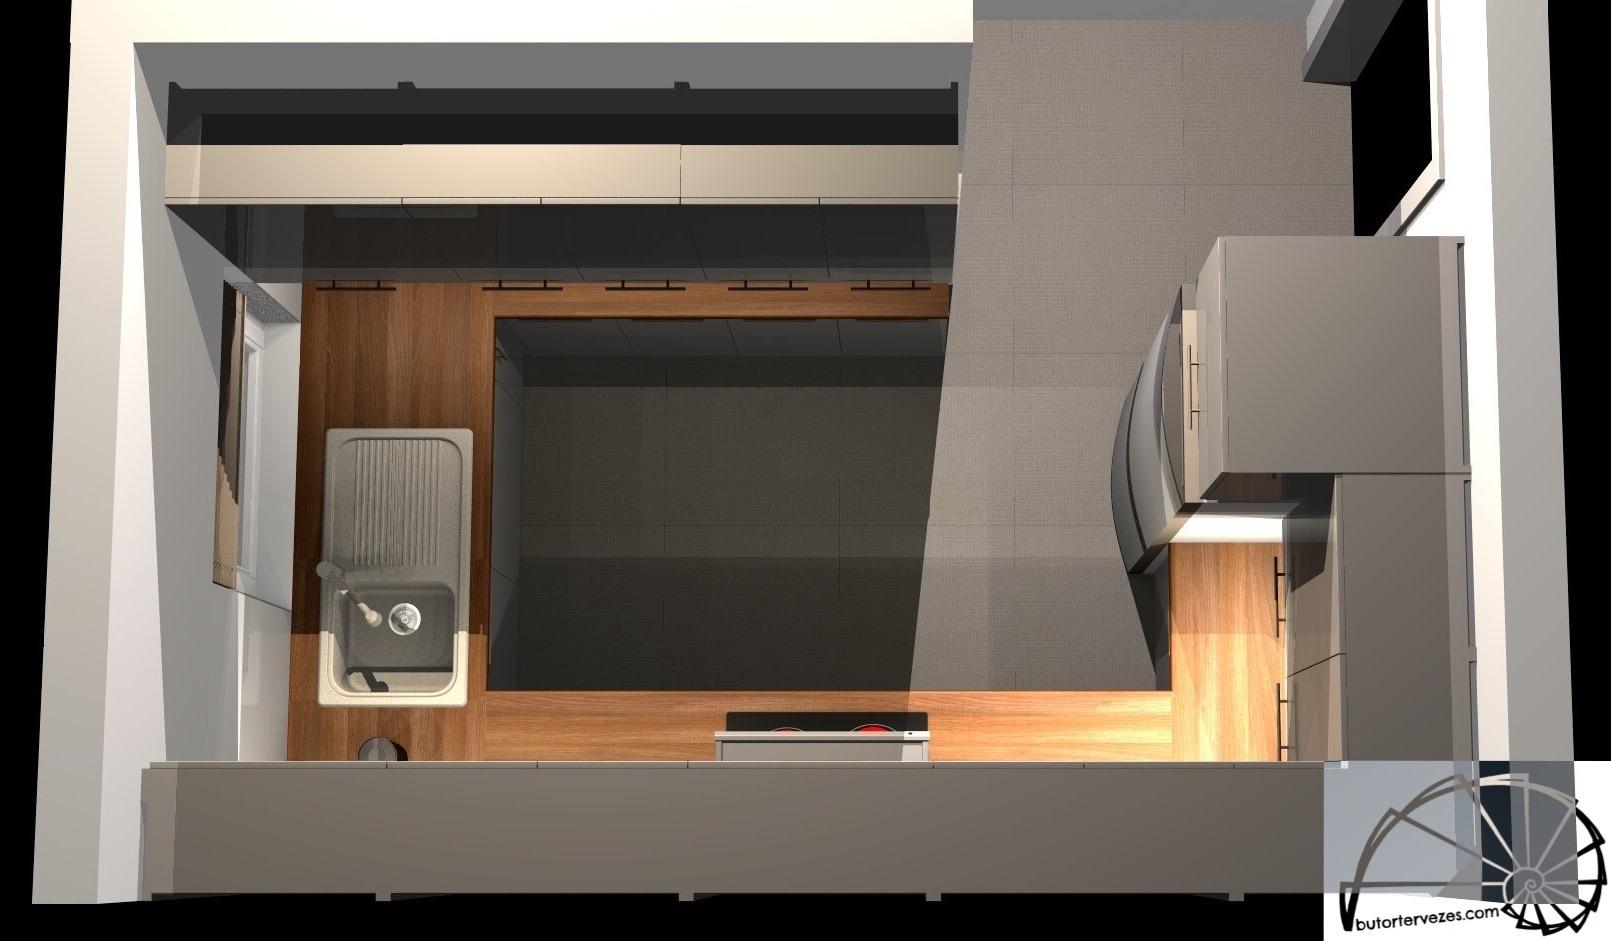 Látványterv egyedi magasfényű konyhabútor felülnézet